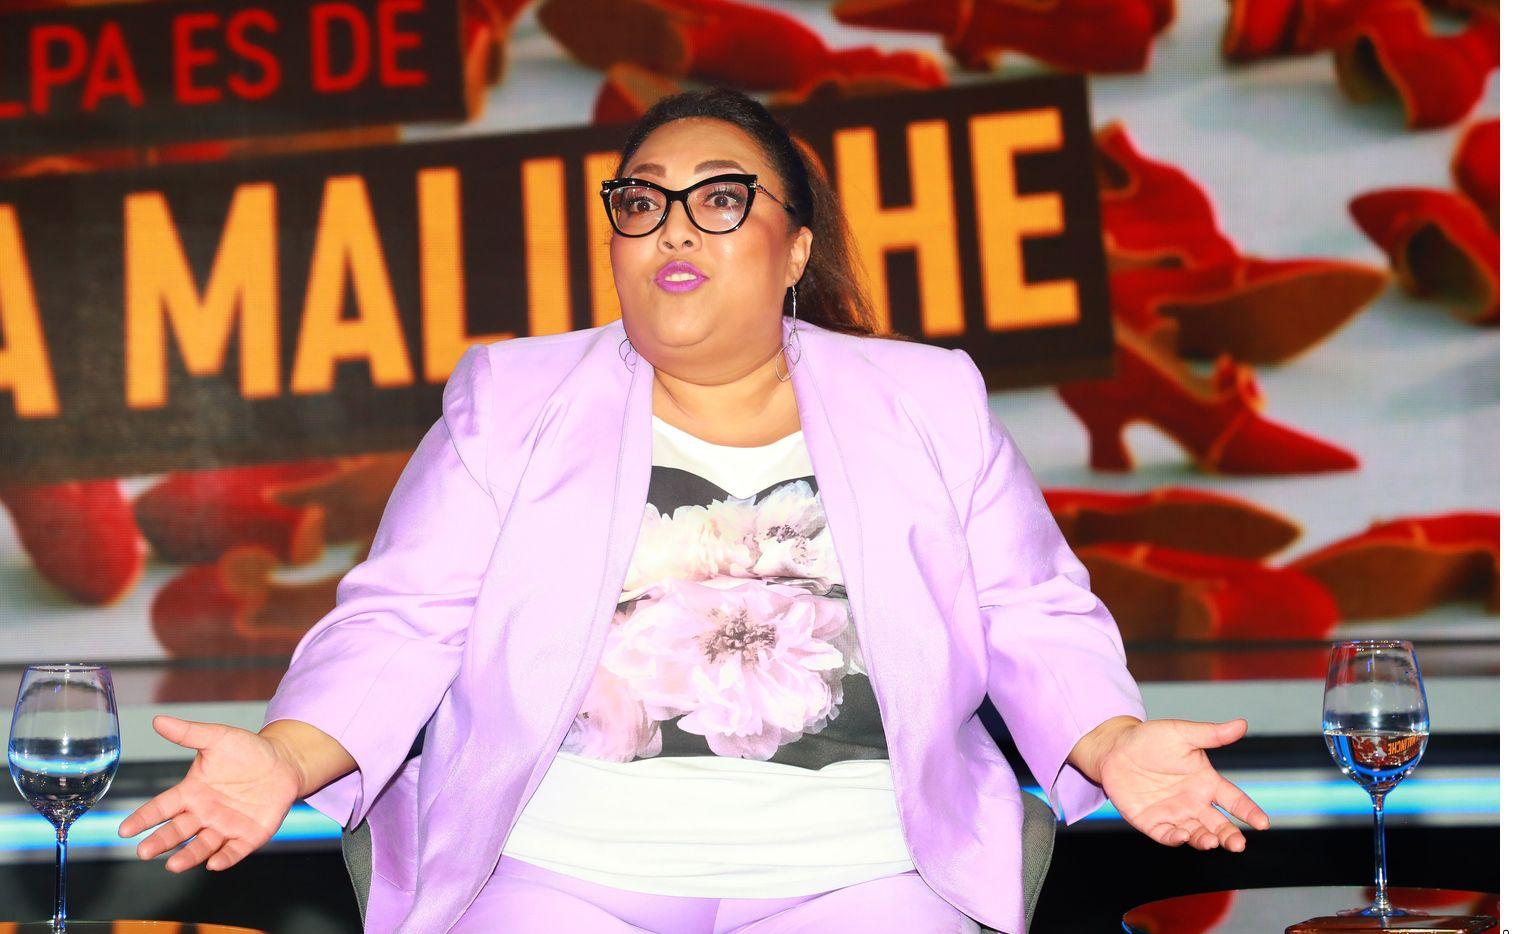 Michelle Rodríguez confesó que, ante la crisis económica por la pandemia de Covid-19, ha tenido que buscar una alternativa para sobrevivir.